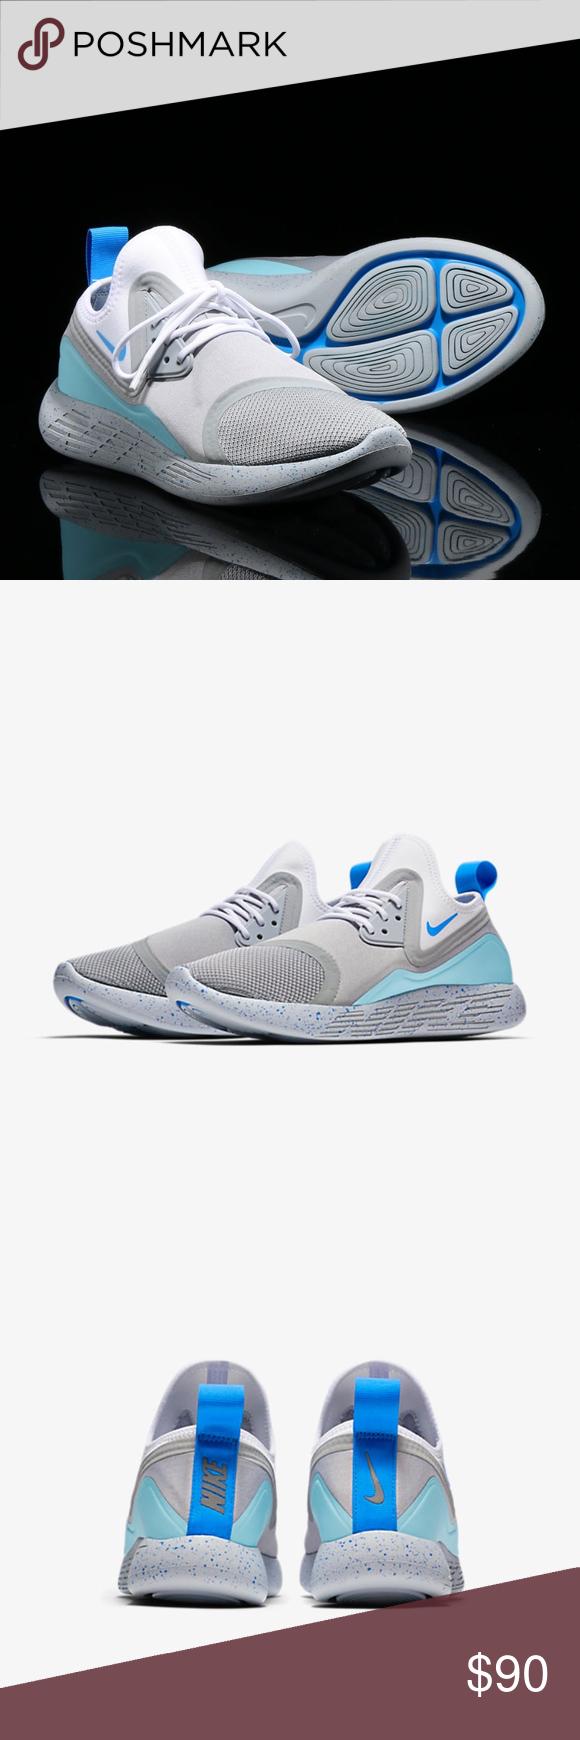 Pluma Lunar Cargo Hombres Zapatos Nike Nike Zapatos Lunarcharge Bn Hombres Zapato c1bab6